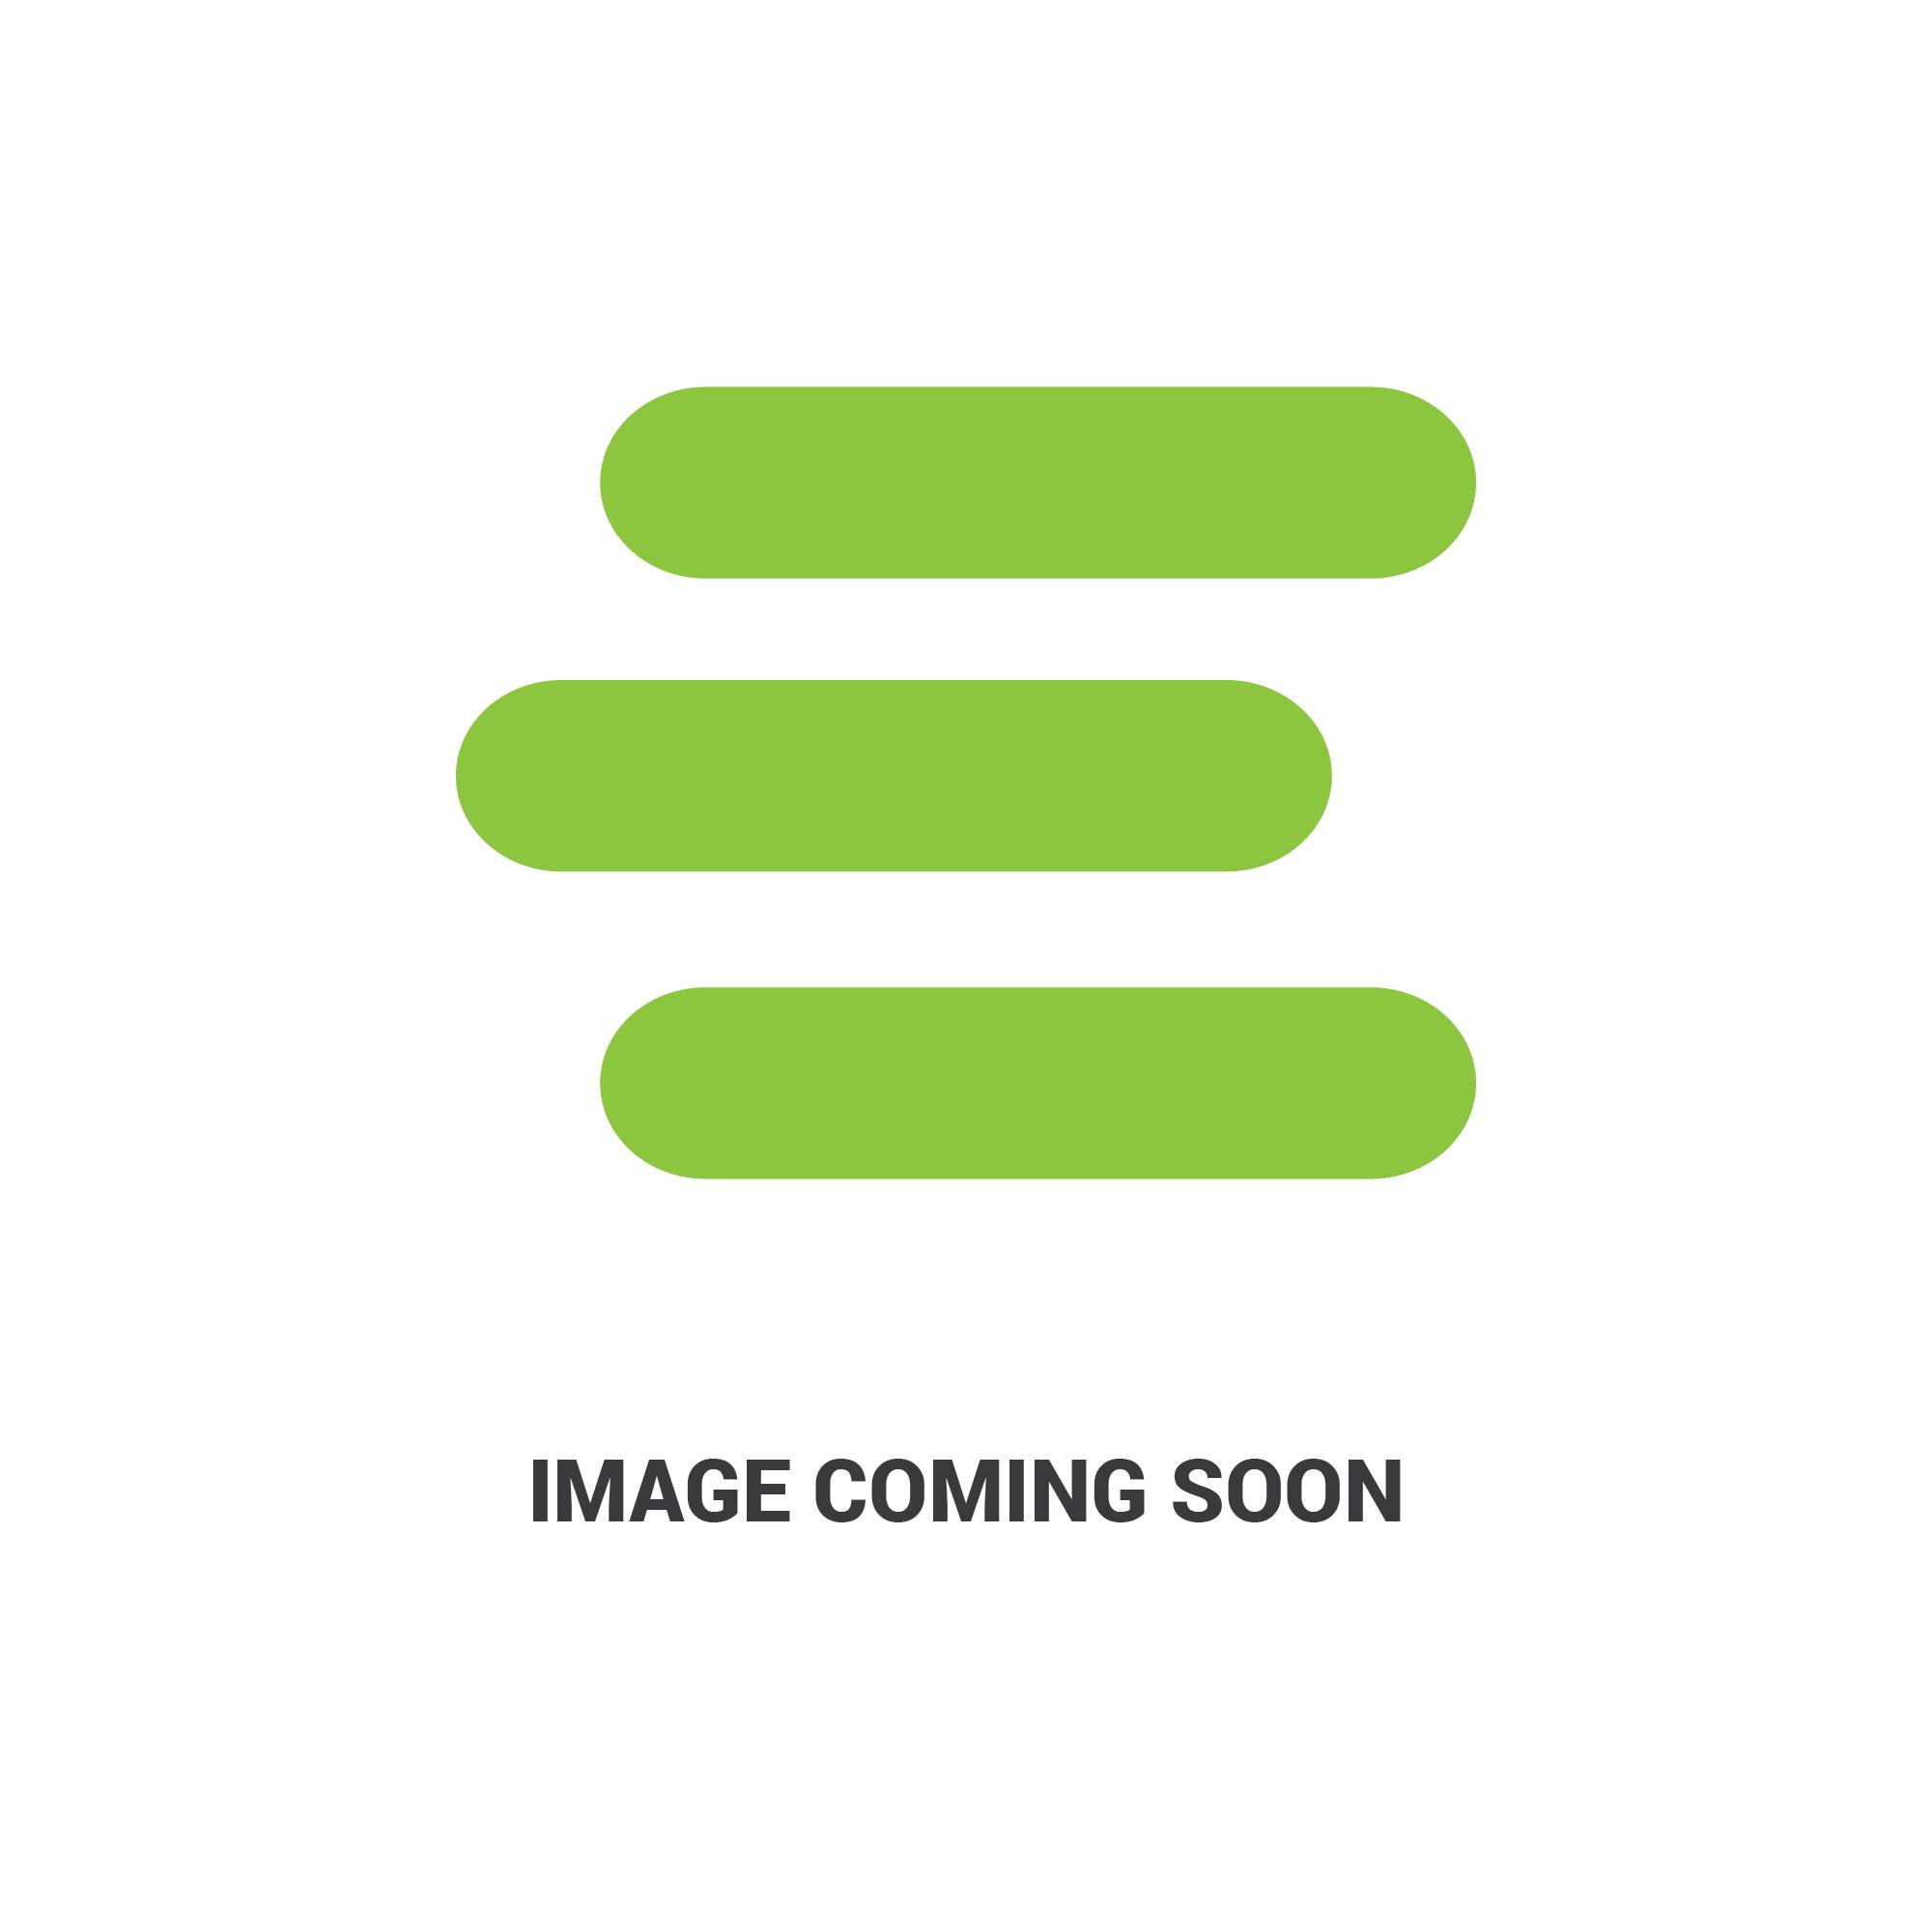 E-RE44558edit 1.jpg